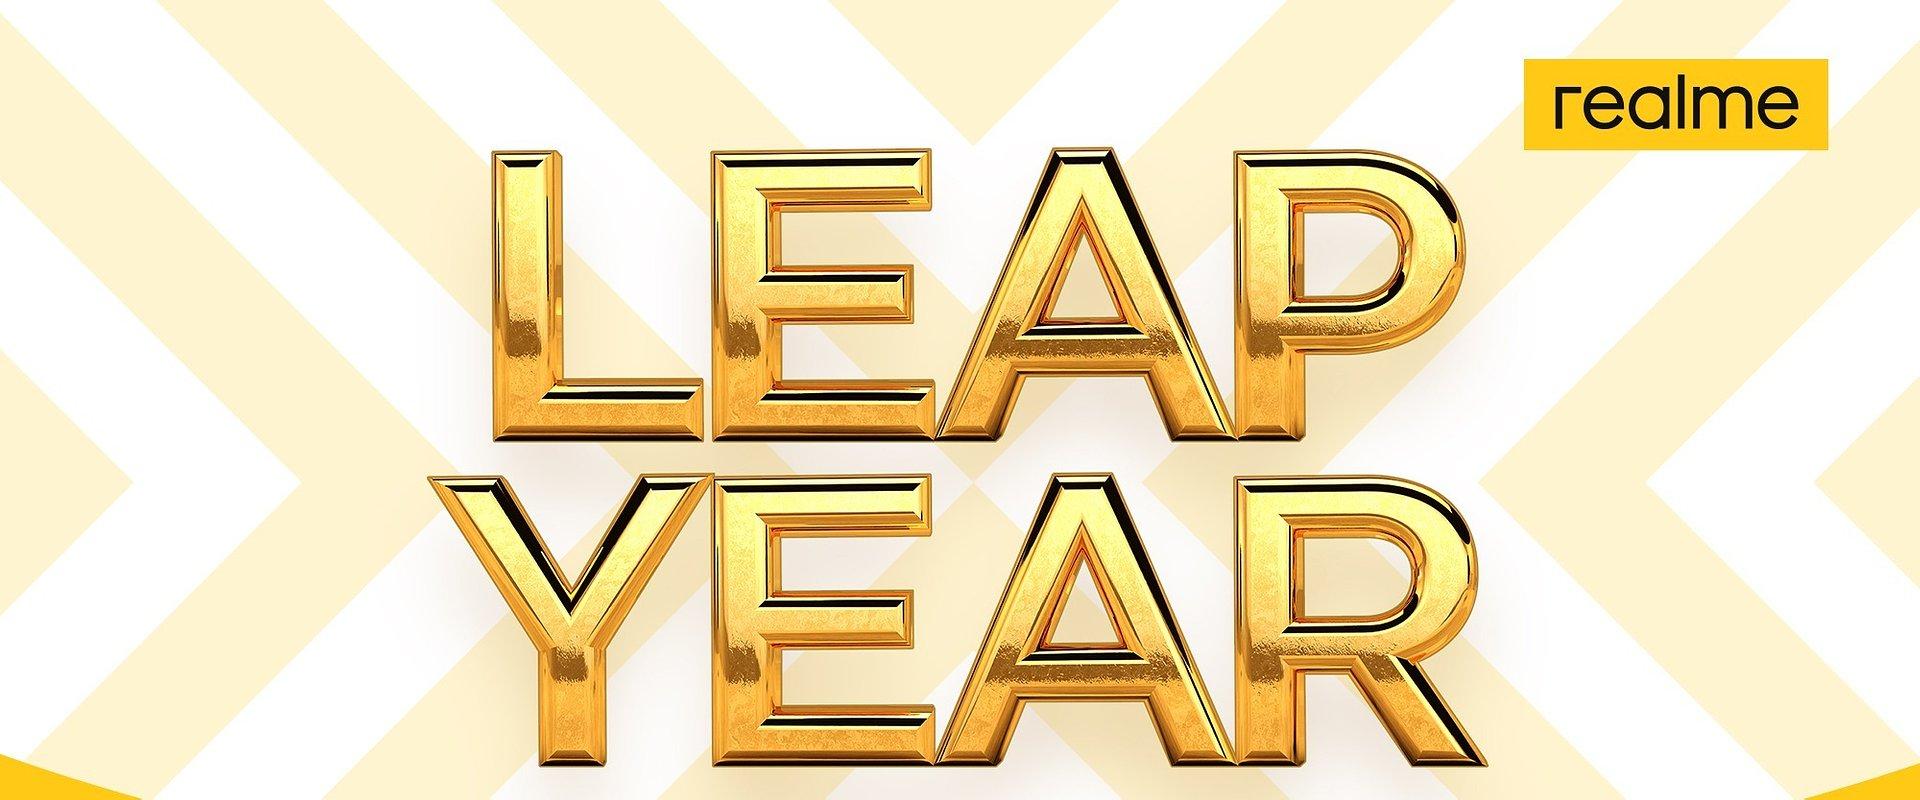 W drodze do TOP 5. realme podsumowuje miniony rok i ogłasza plany na 2021